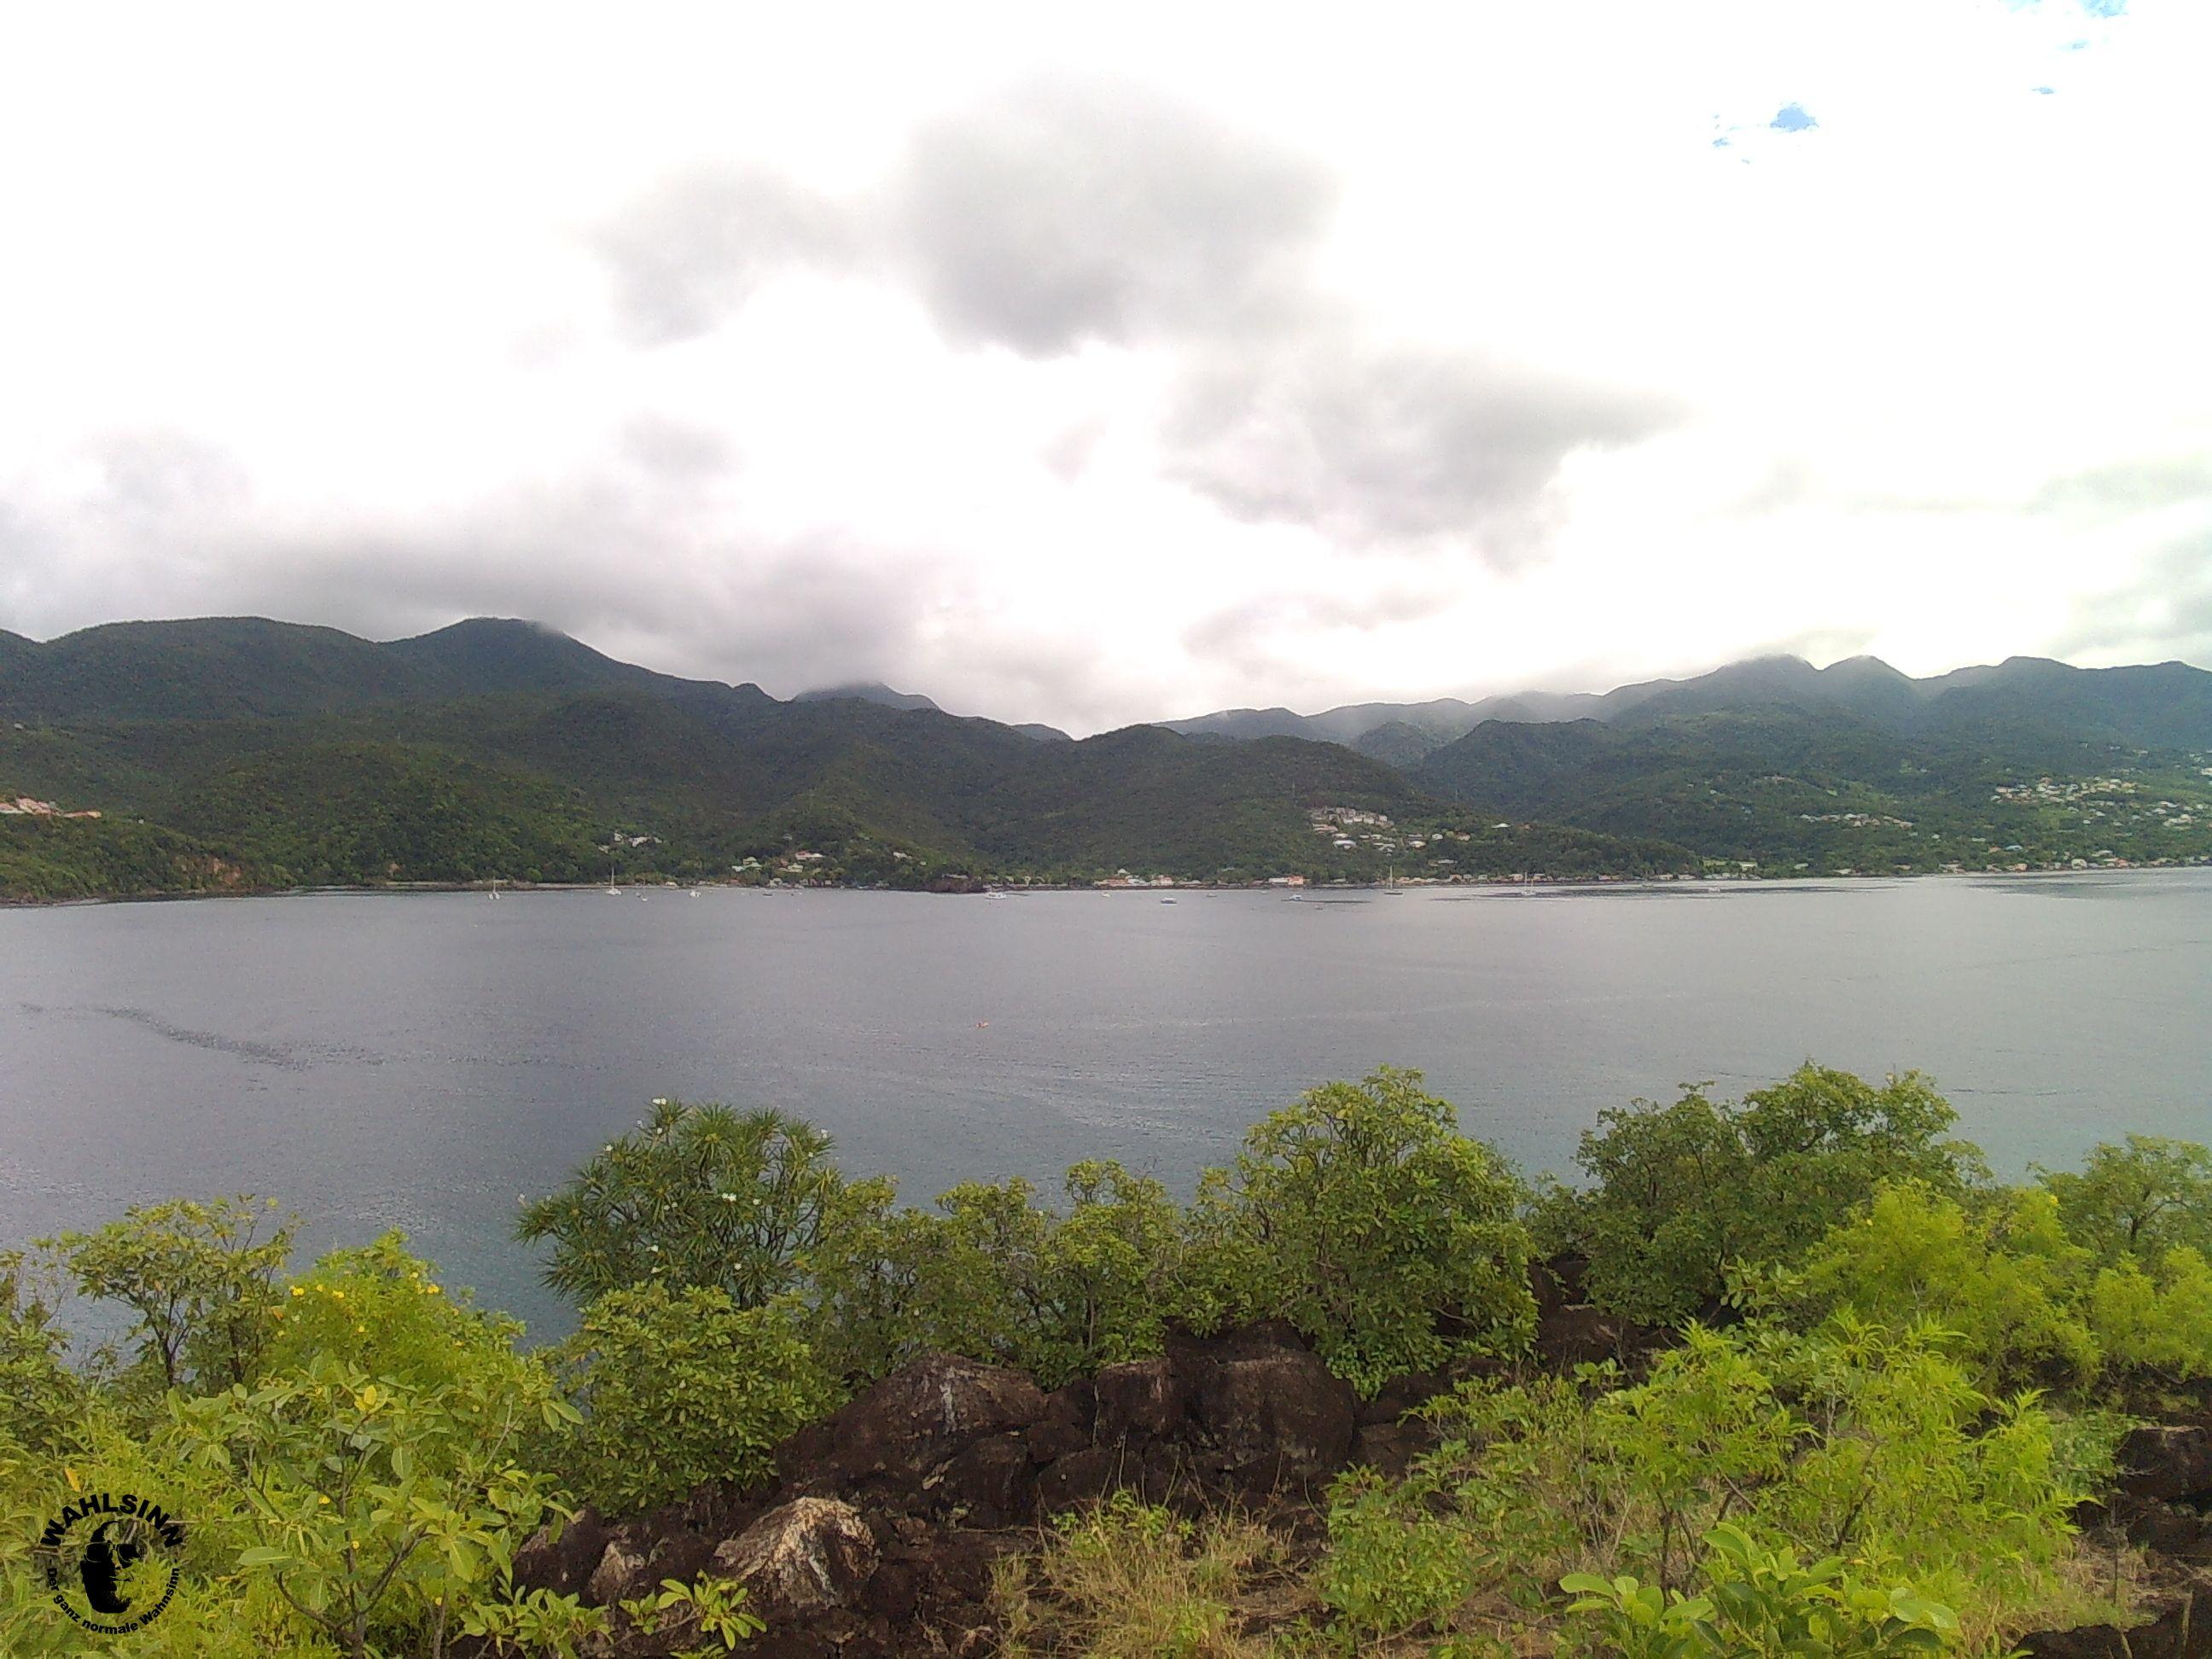 Guadeloupe - Eine schöne Aussicht von einem Berg rüber auf Guadeloupe